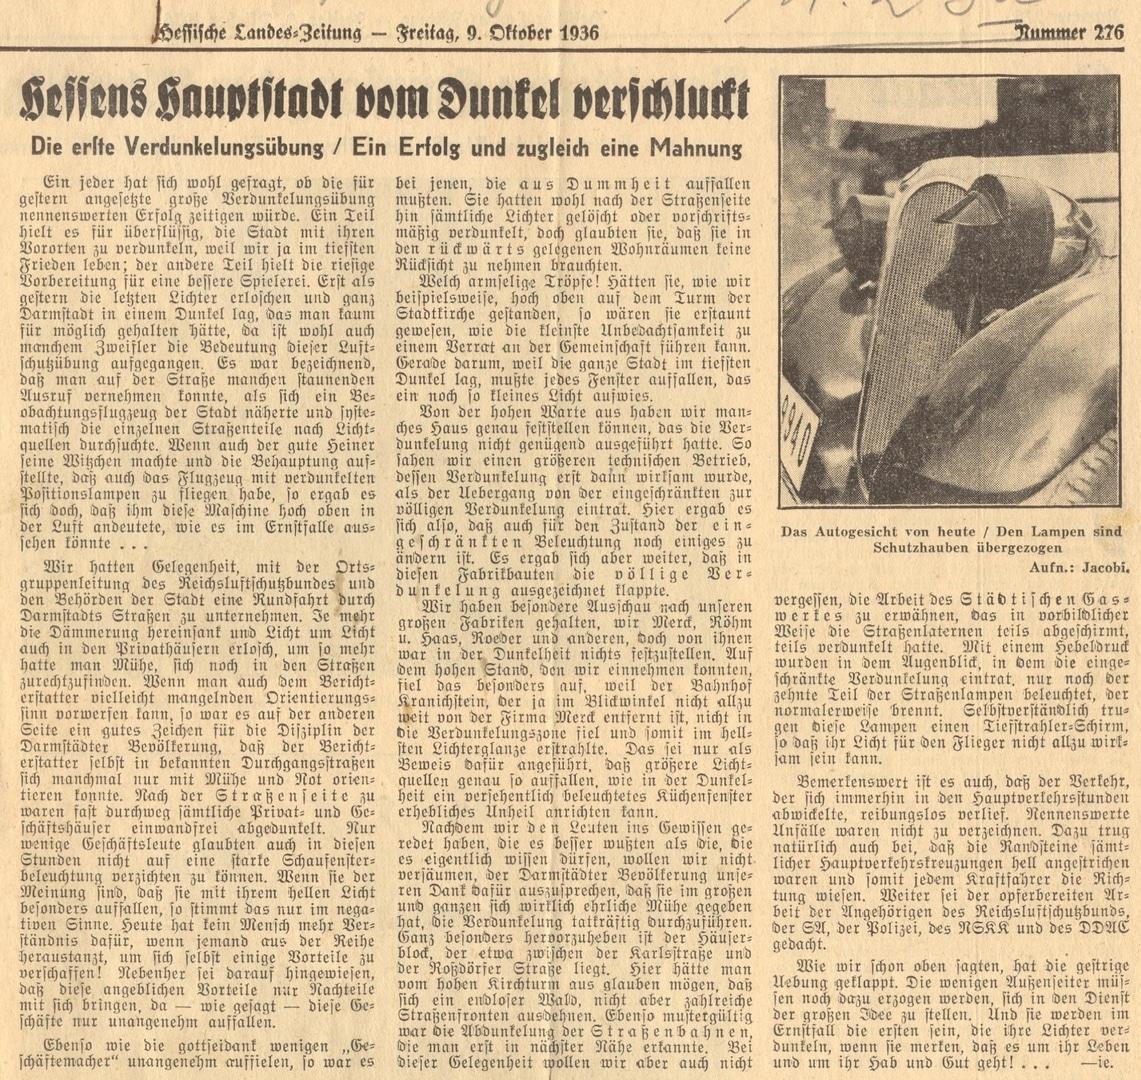 Bericht der Hessischen Landeszeitung über erste Verdunkelungsübungen in Darmstadt